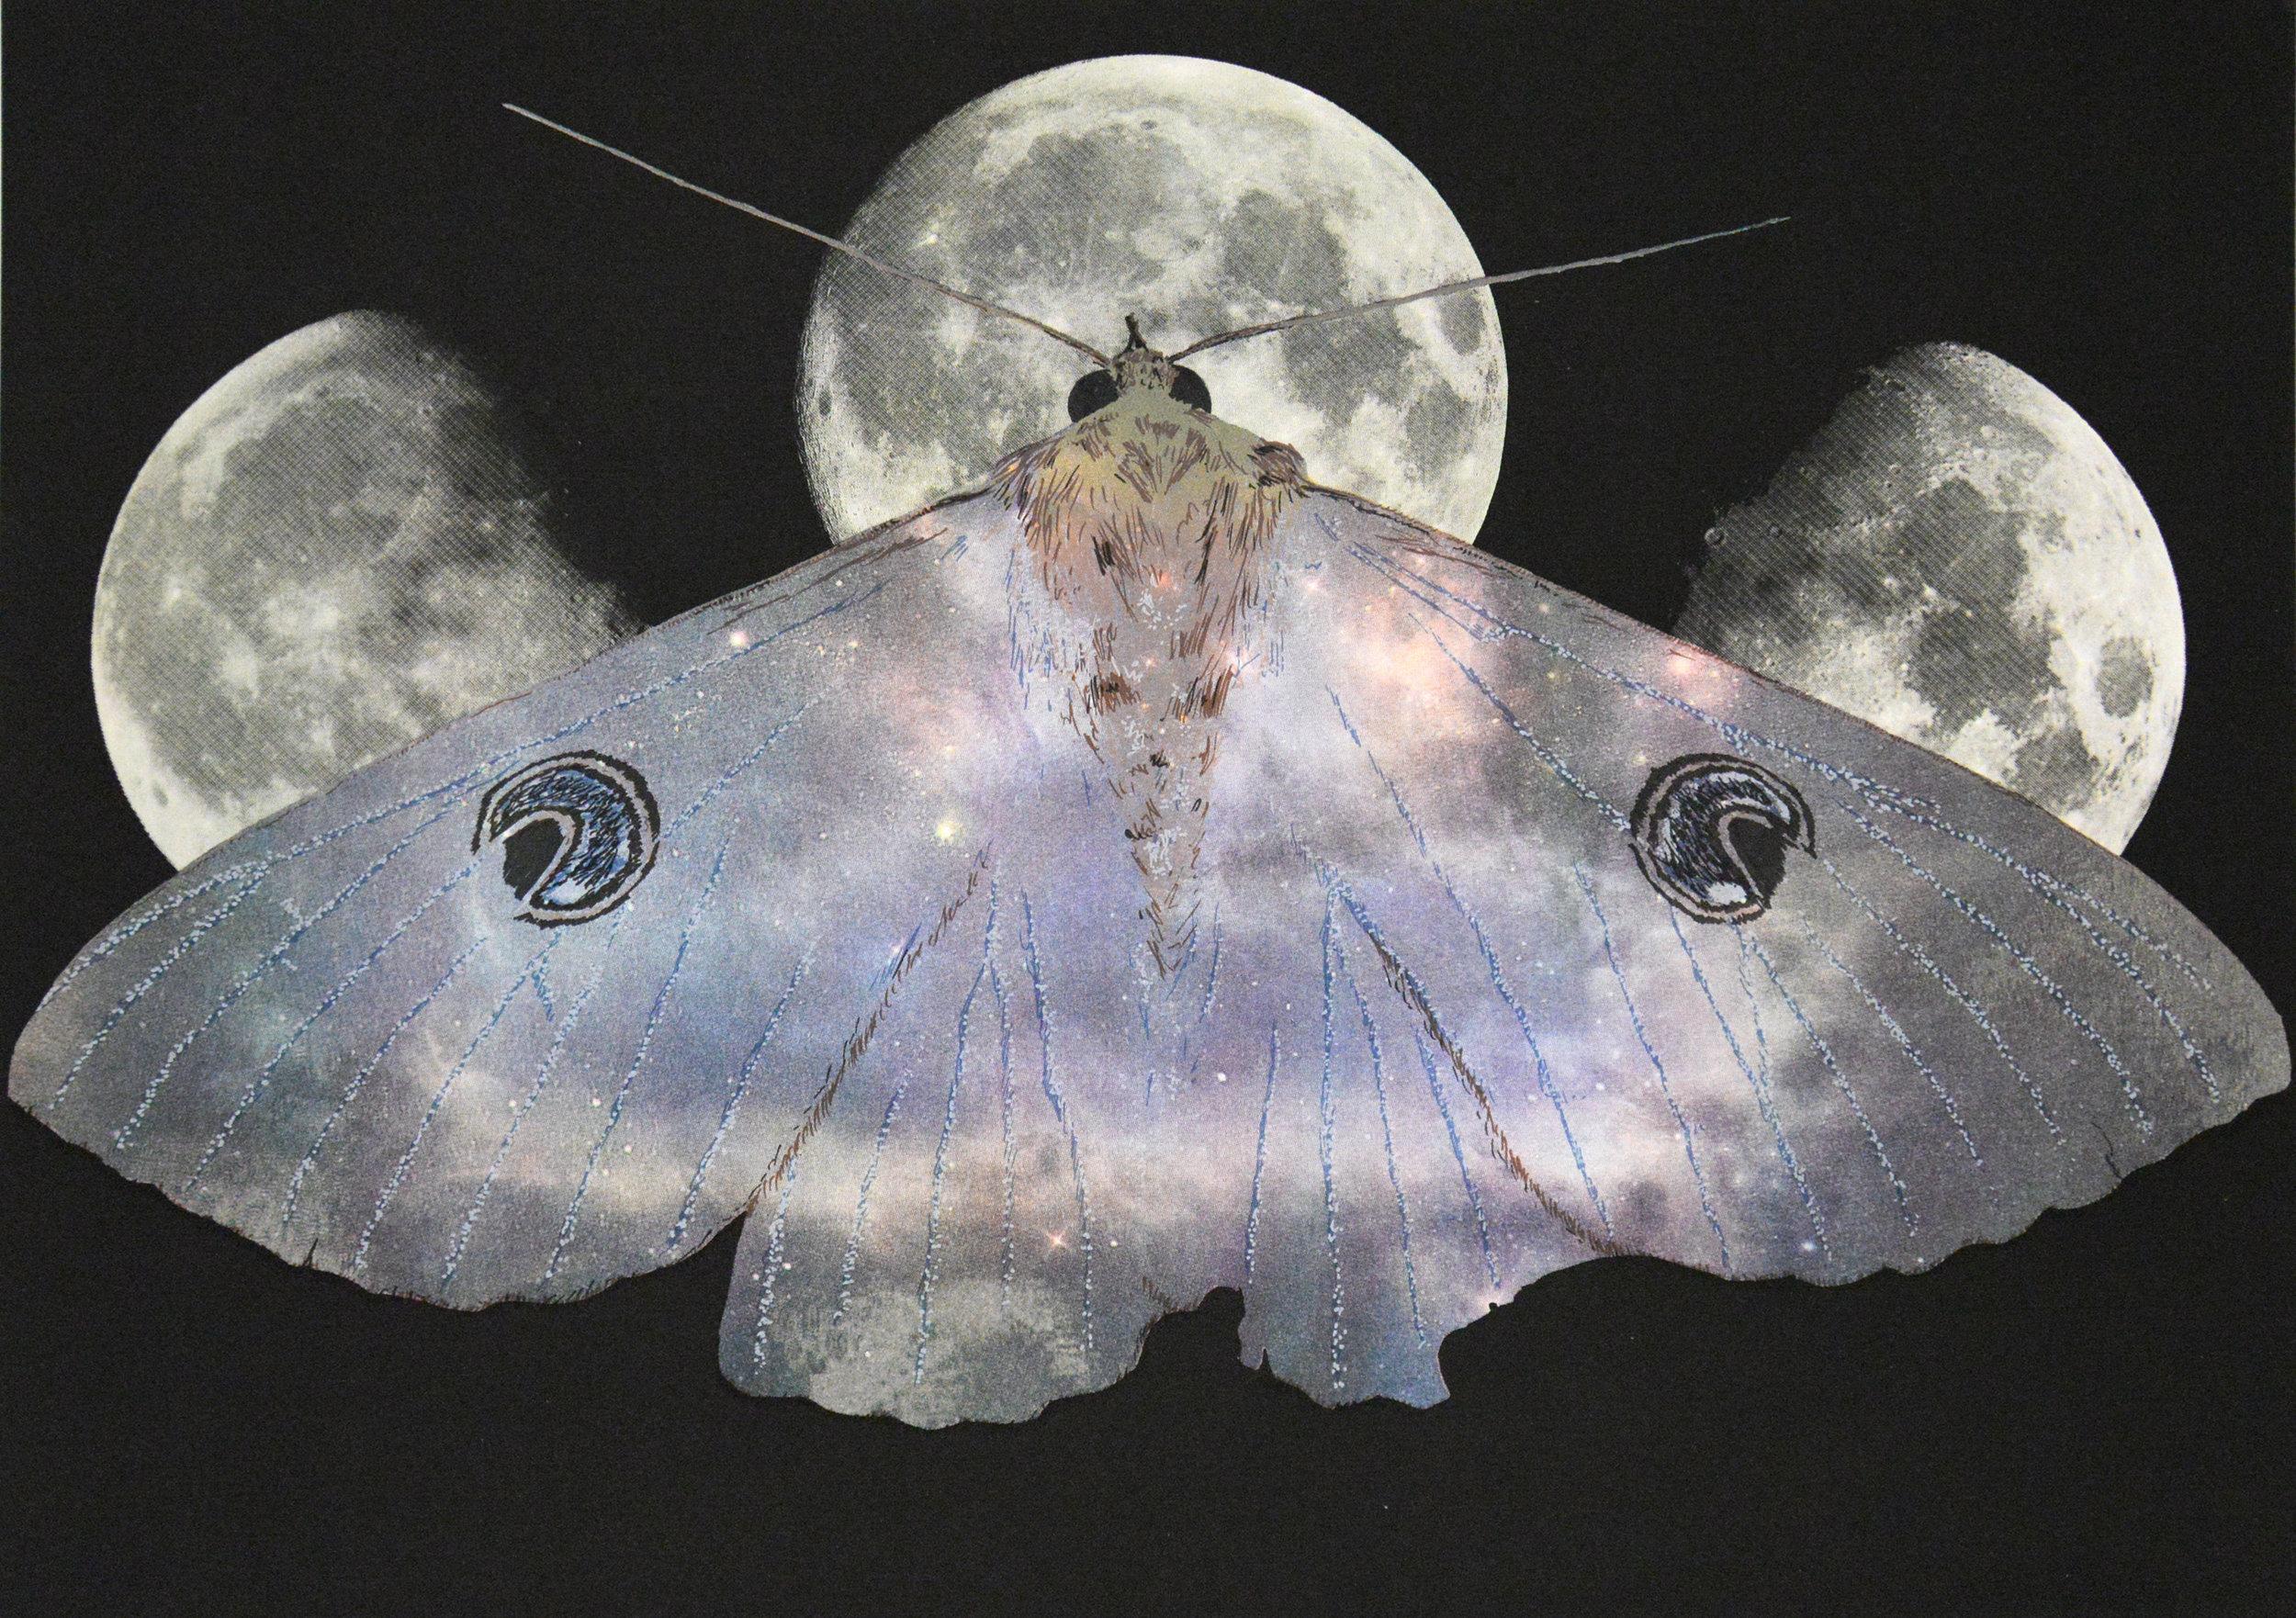 Sequitur Stellarum